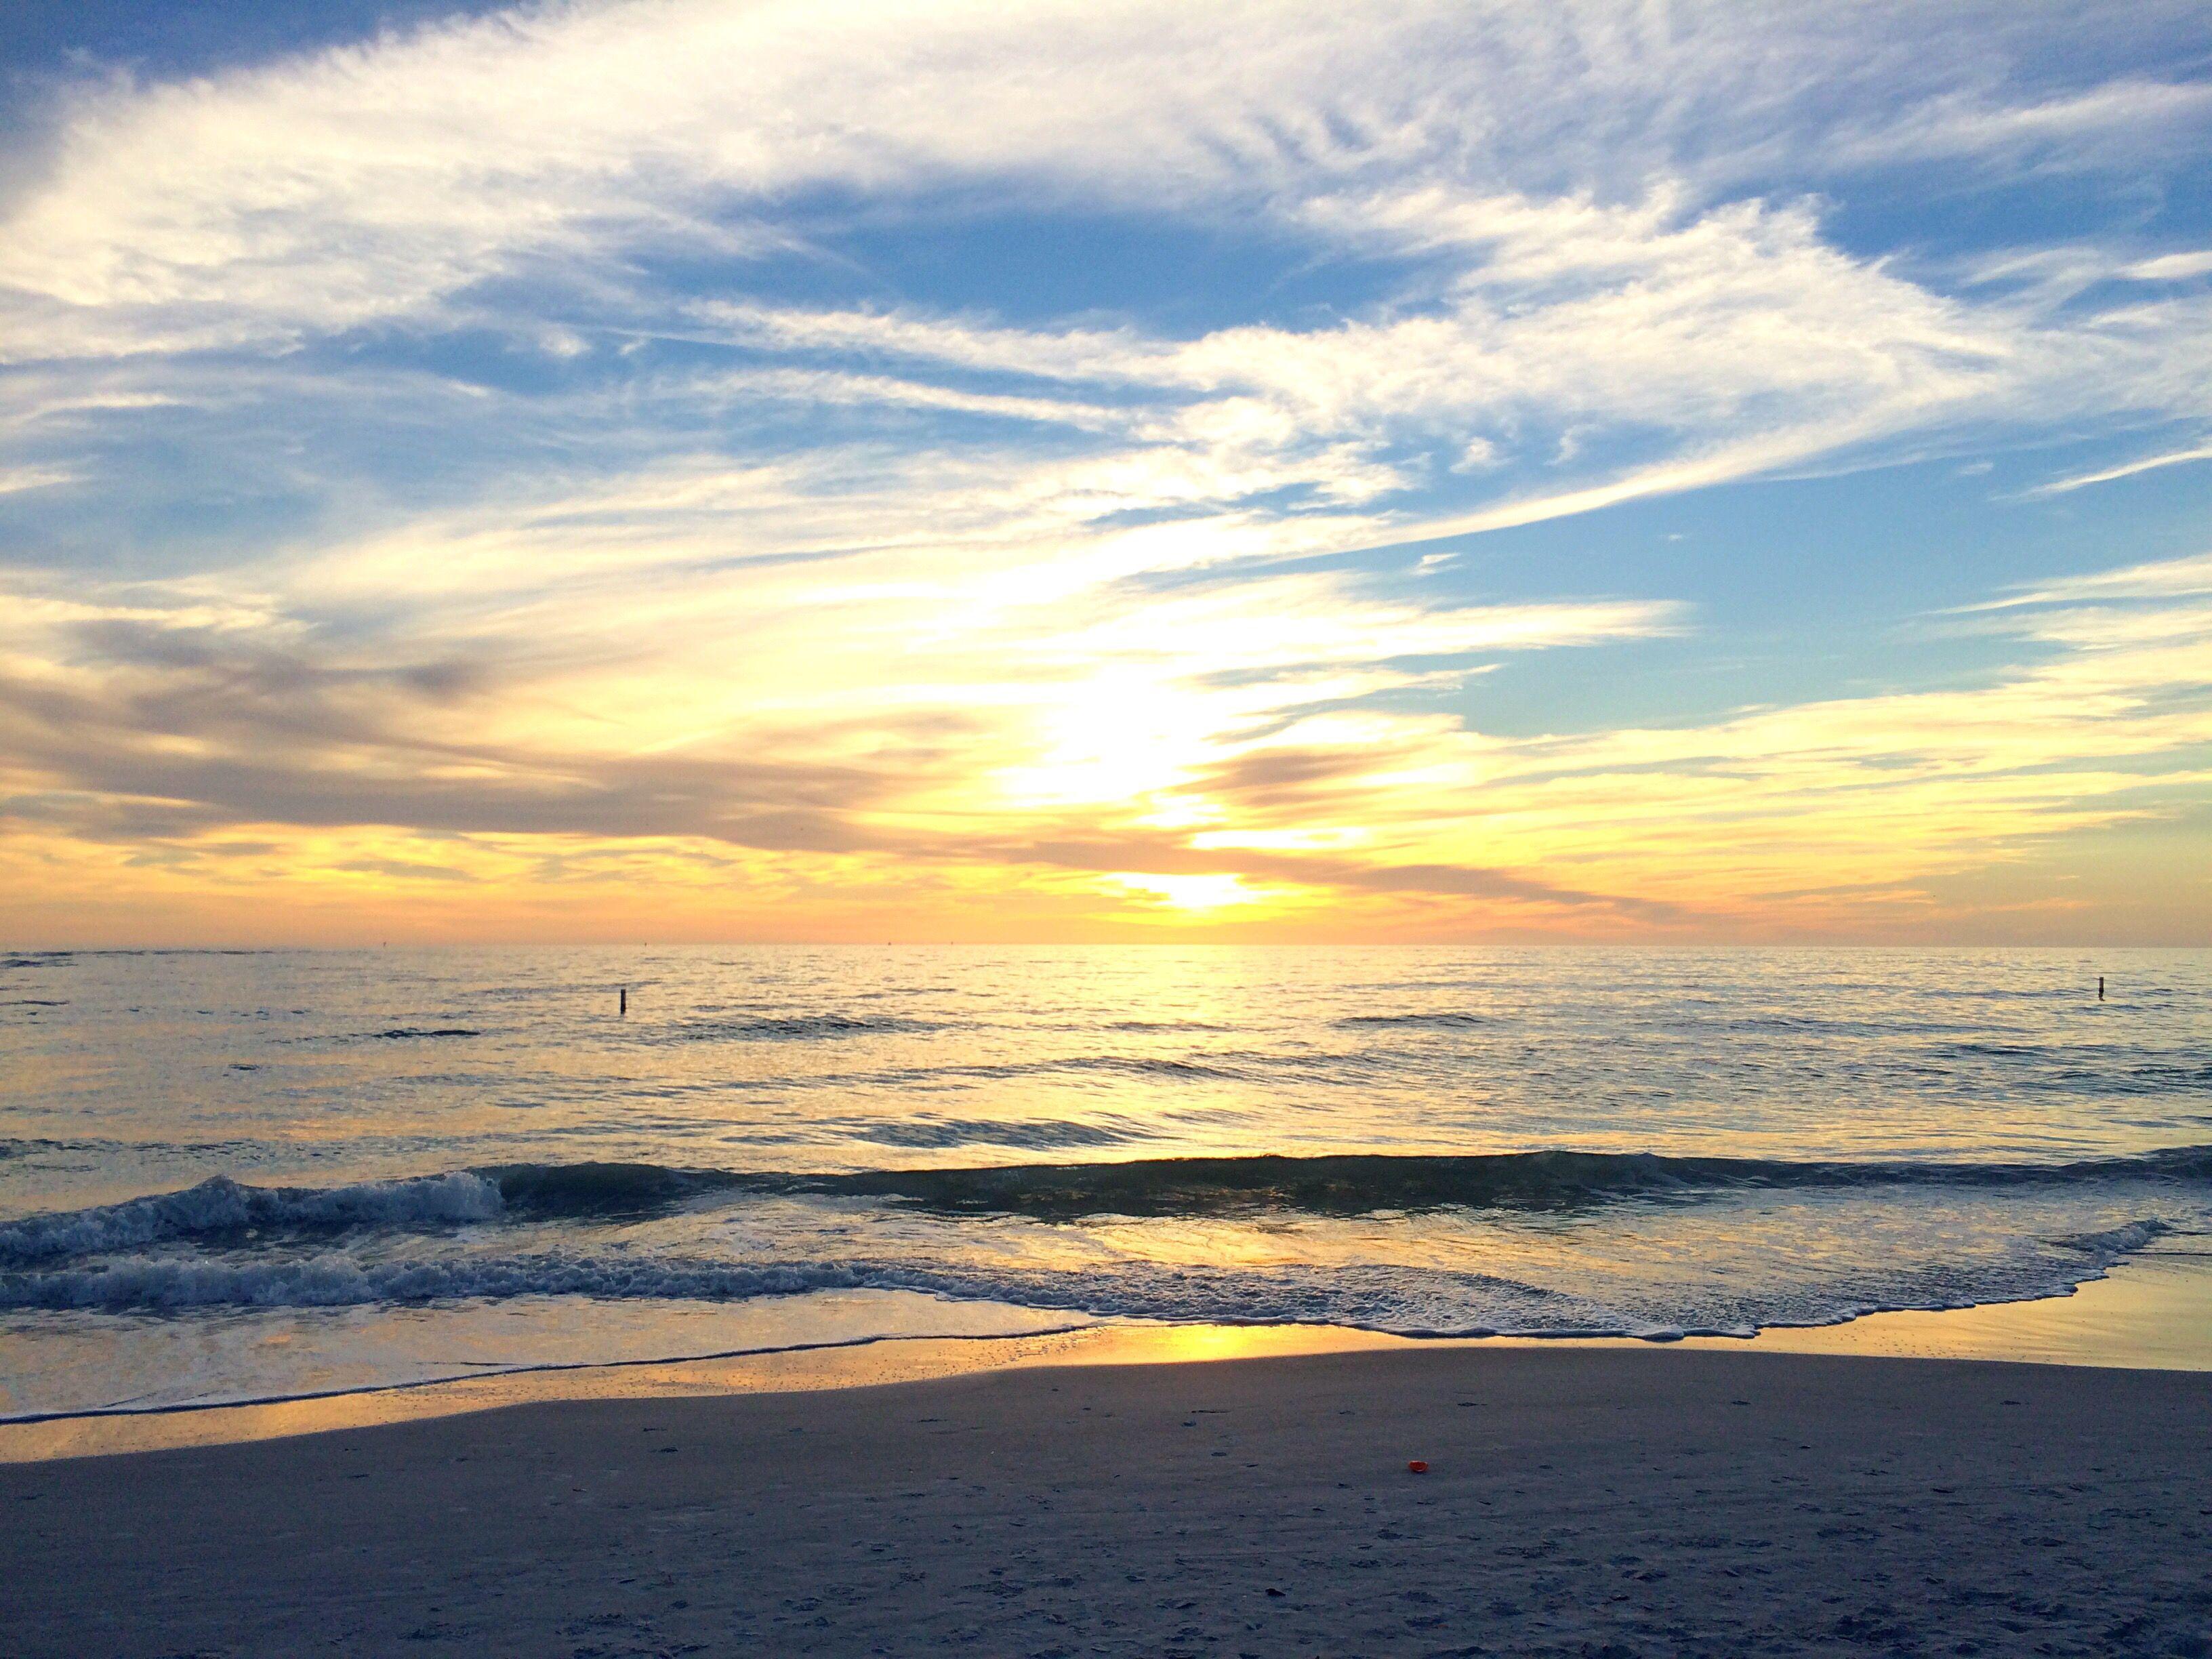 Sunset over Madeira Beach, Florida